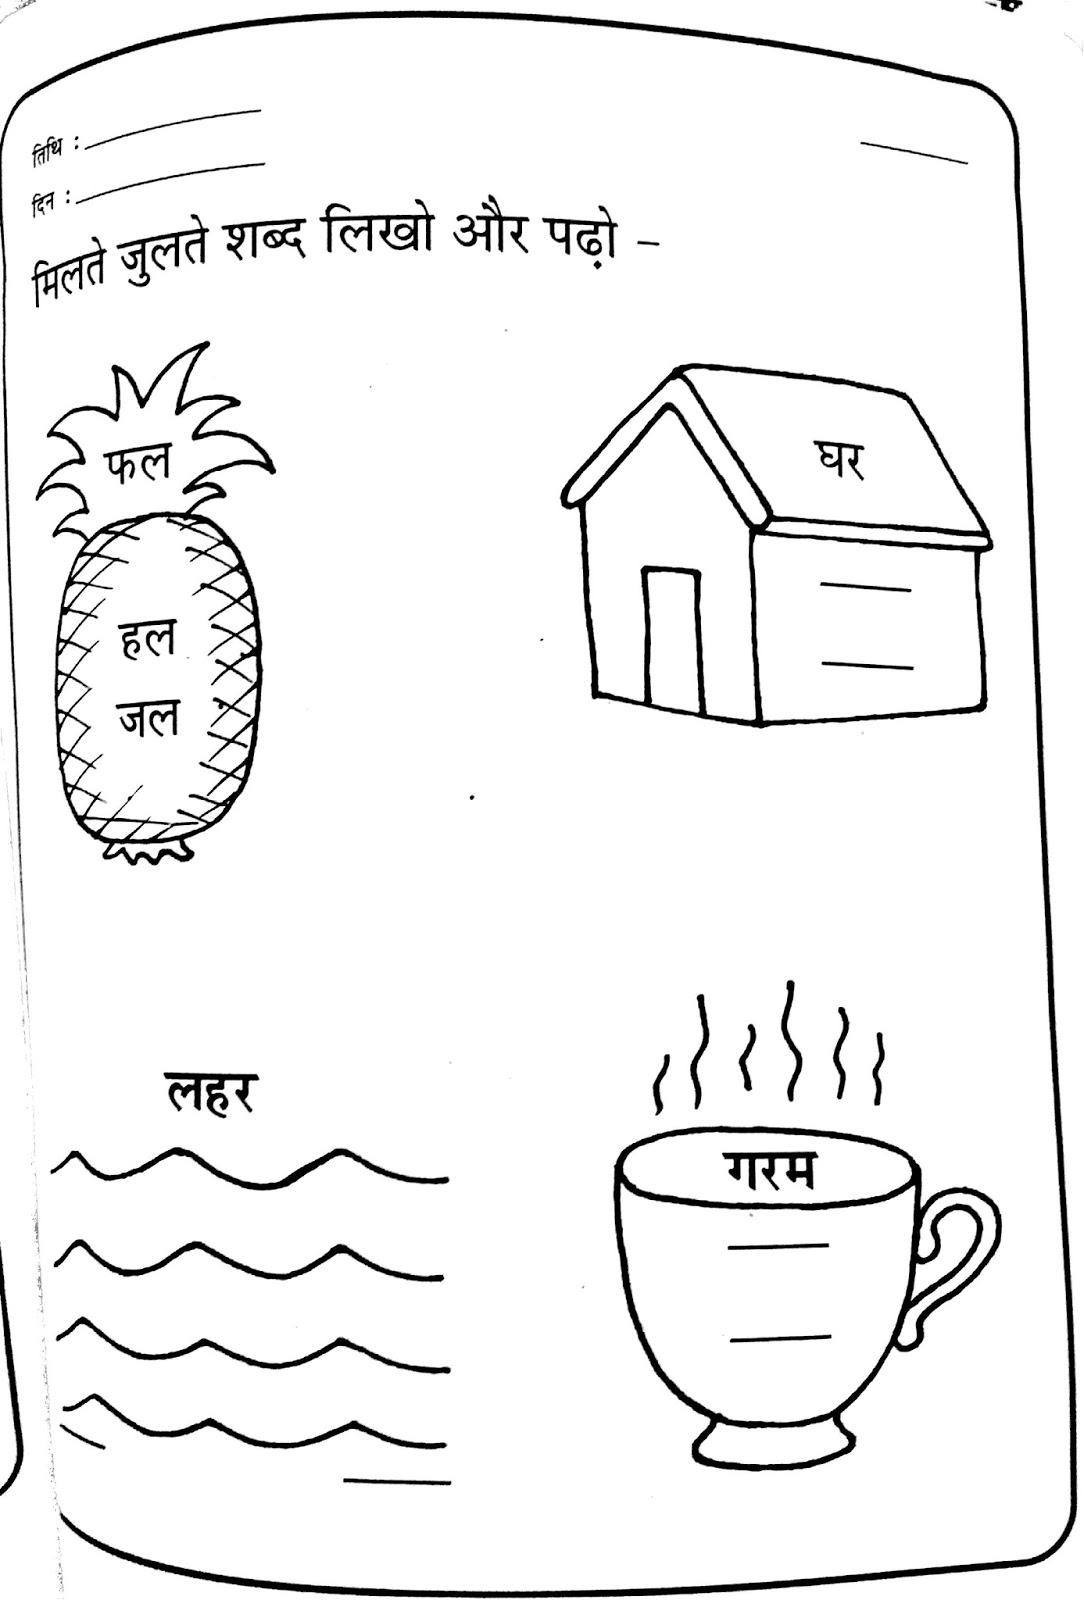 Hindi Worksheets Image By Monikayadav